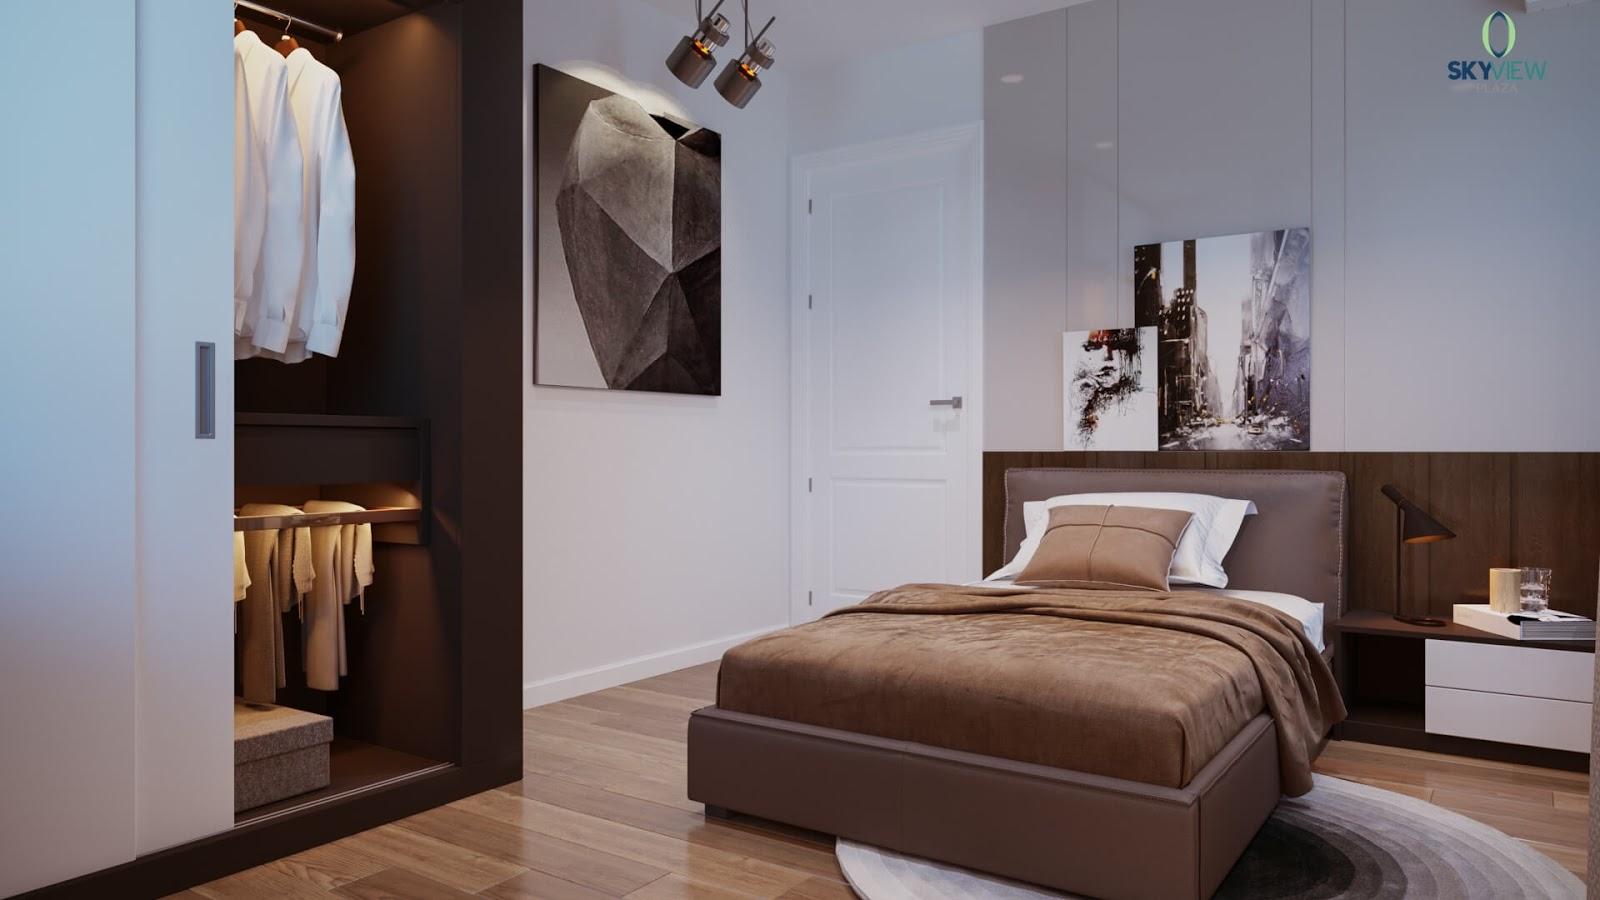 Phòng ngủ dự án Sky View Plaza Giải Phóng